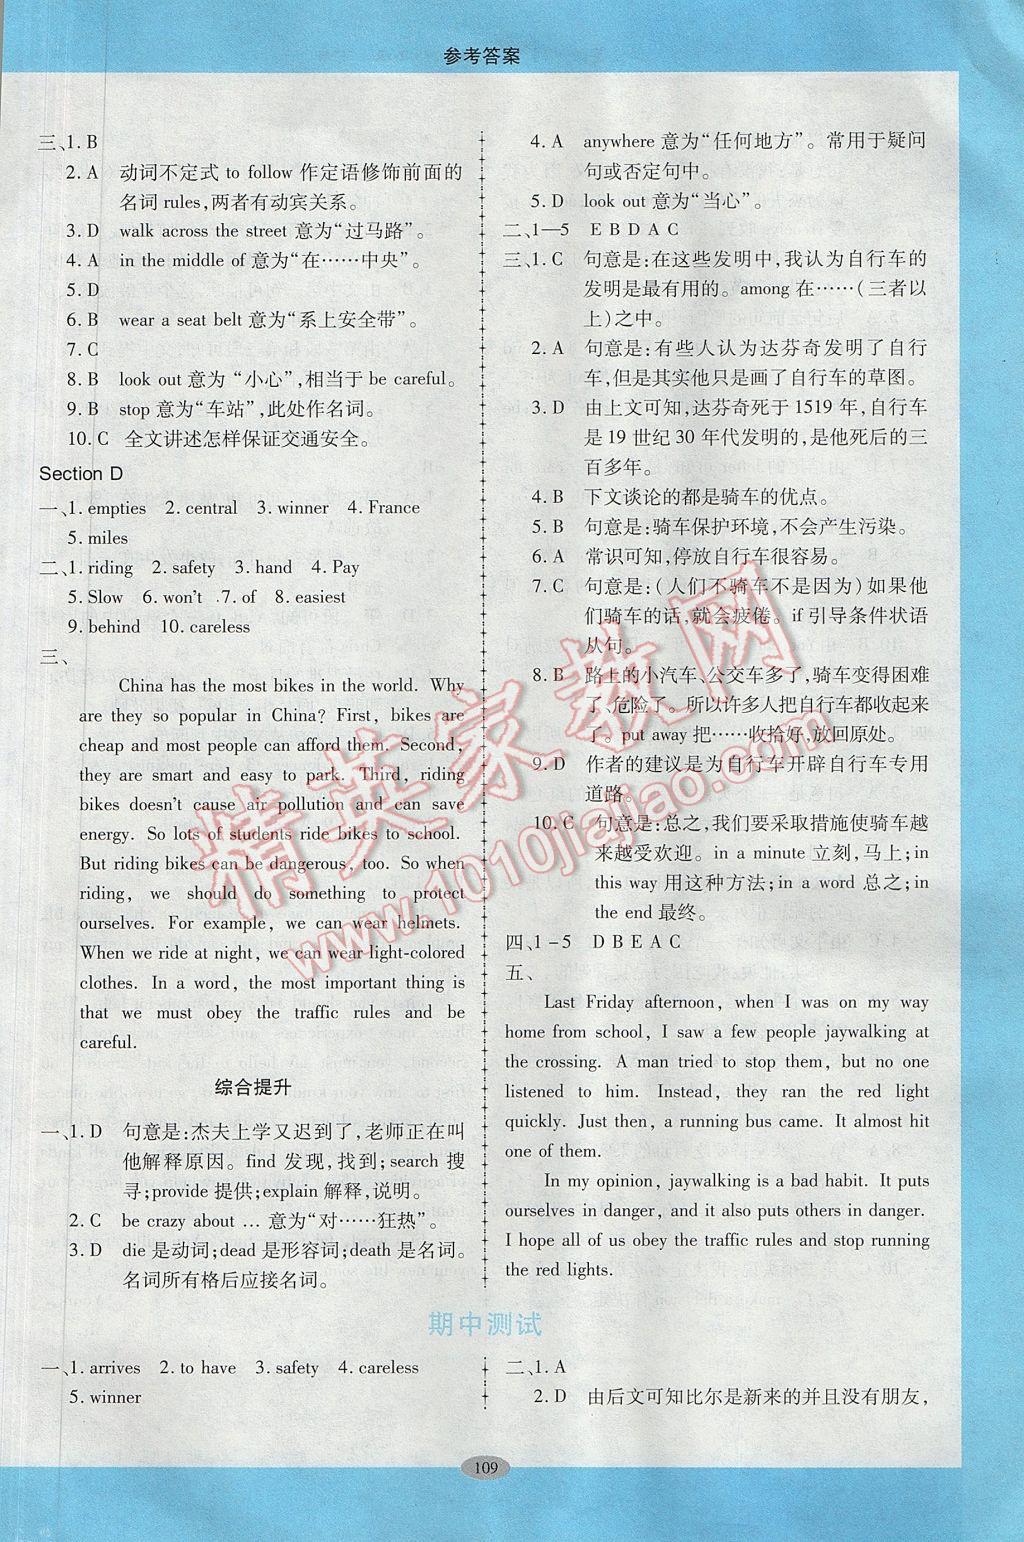 2017年仁爱英语同步练习册八年级下册双色版参考答案第12页